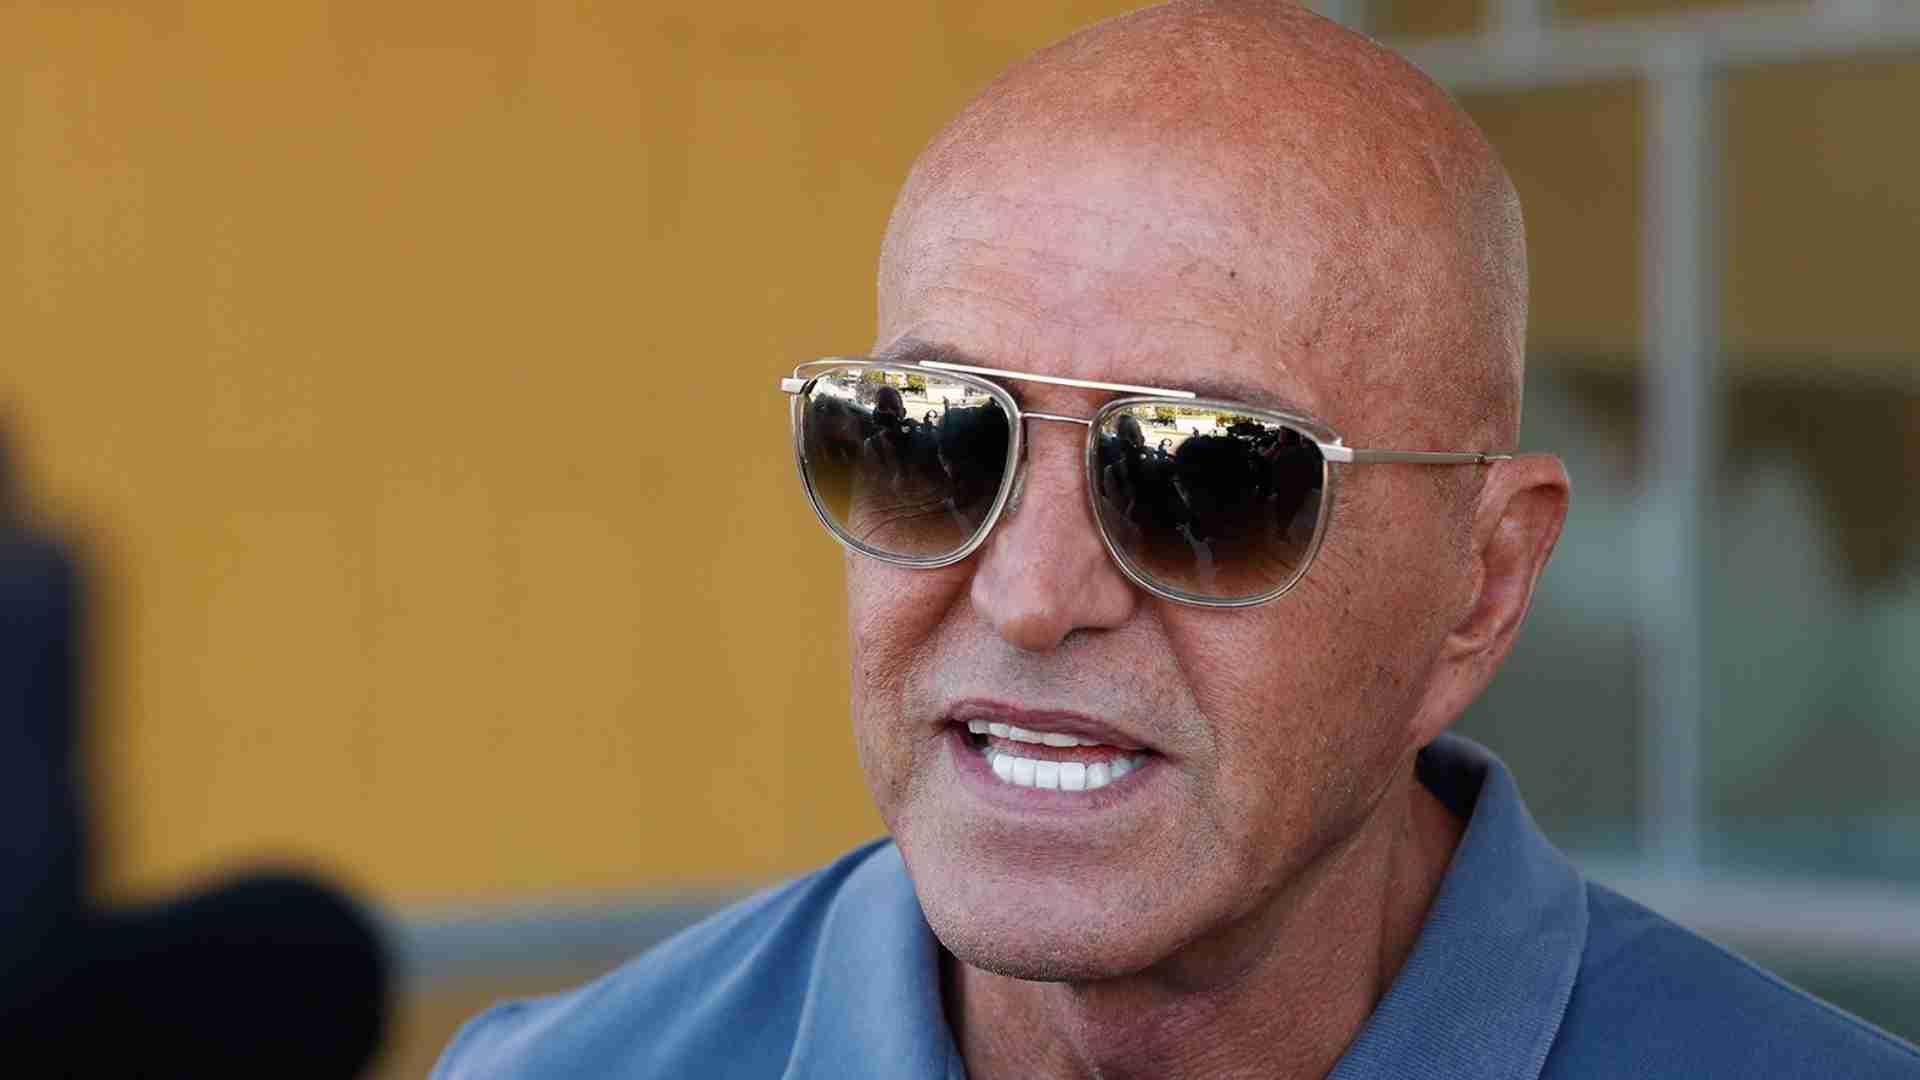 Kiko Matamoros con unas gafas de sol en primer plano